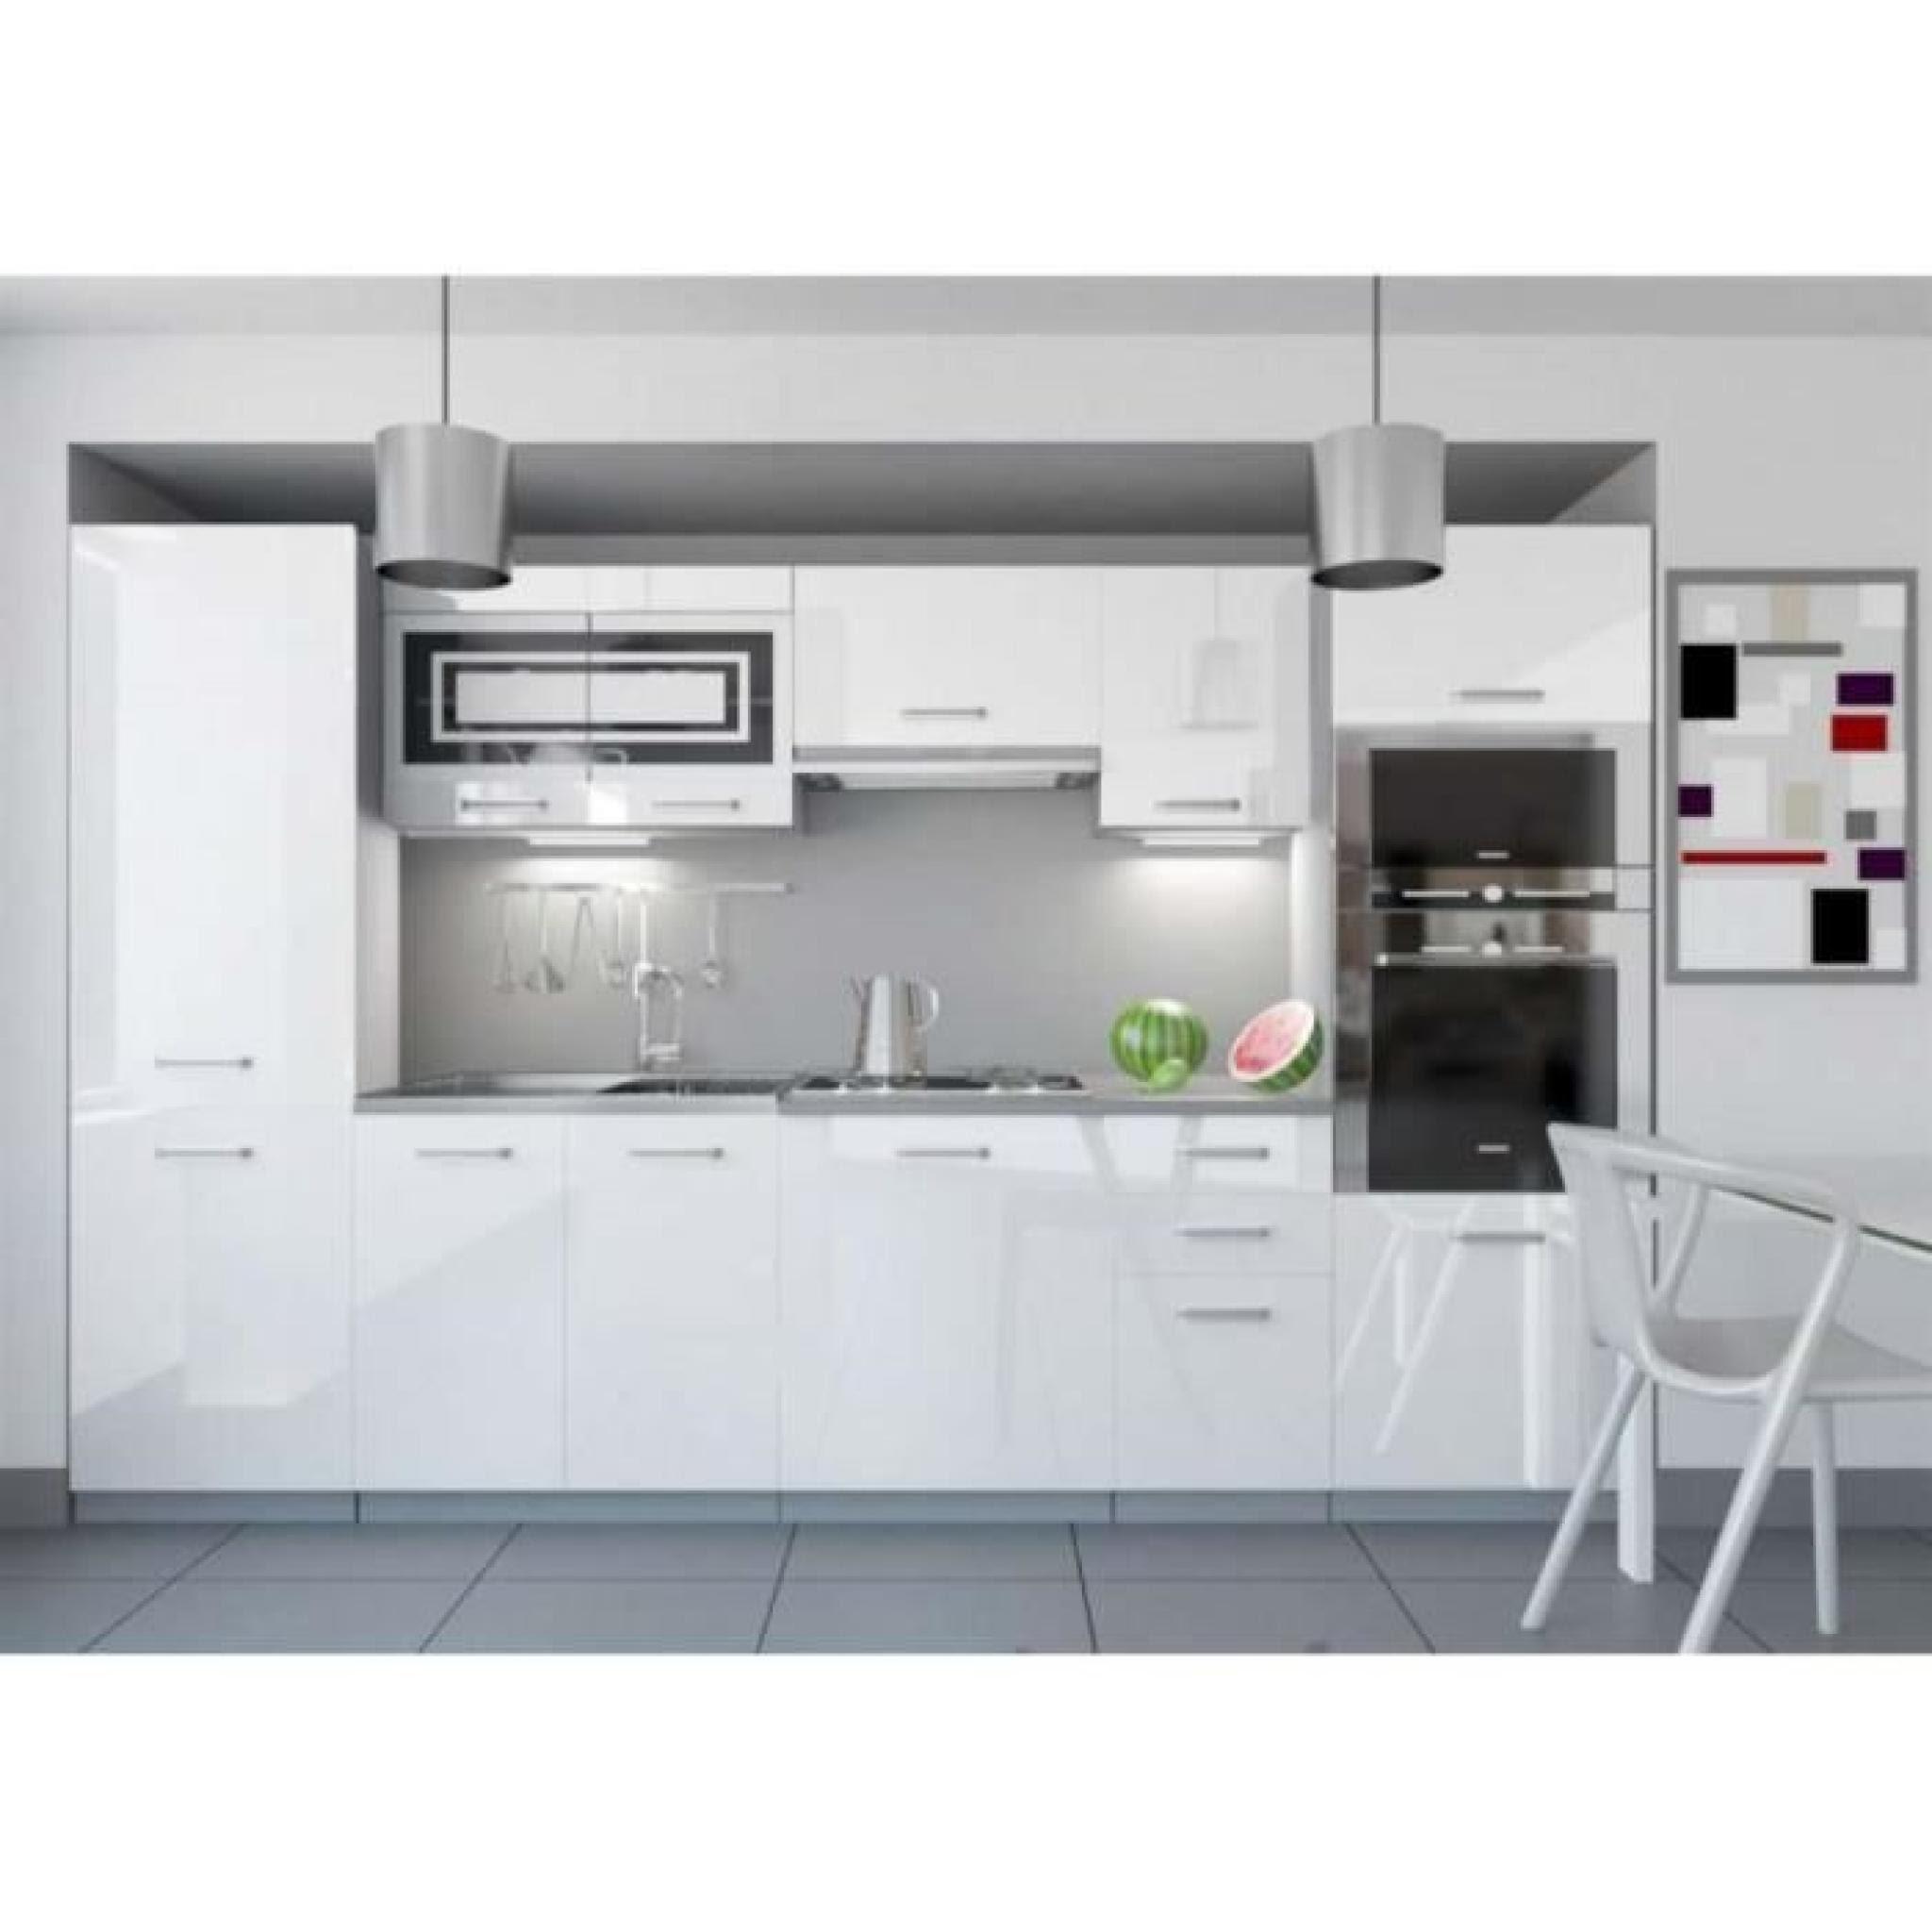 Justhome Infinity Led Cuisine équipée Complète 300 Cm Couleur Noir